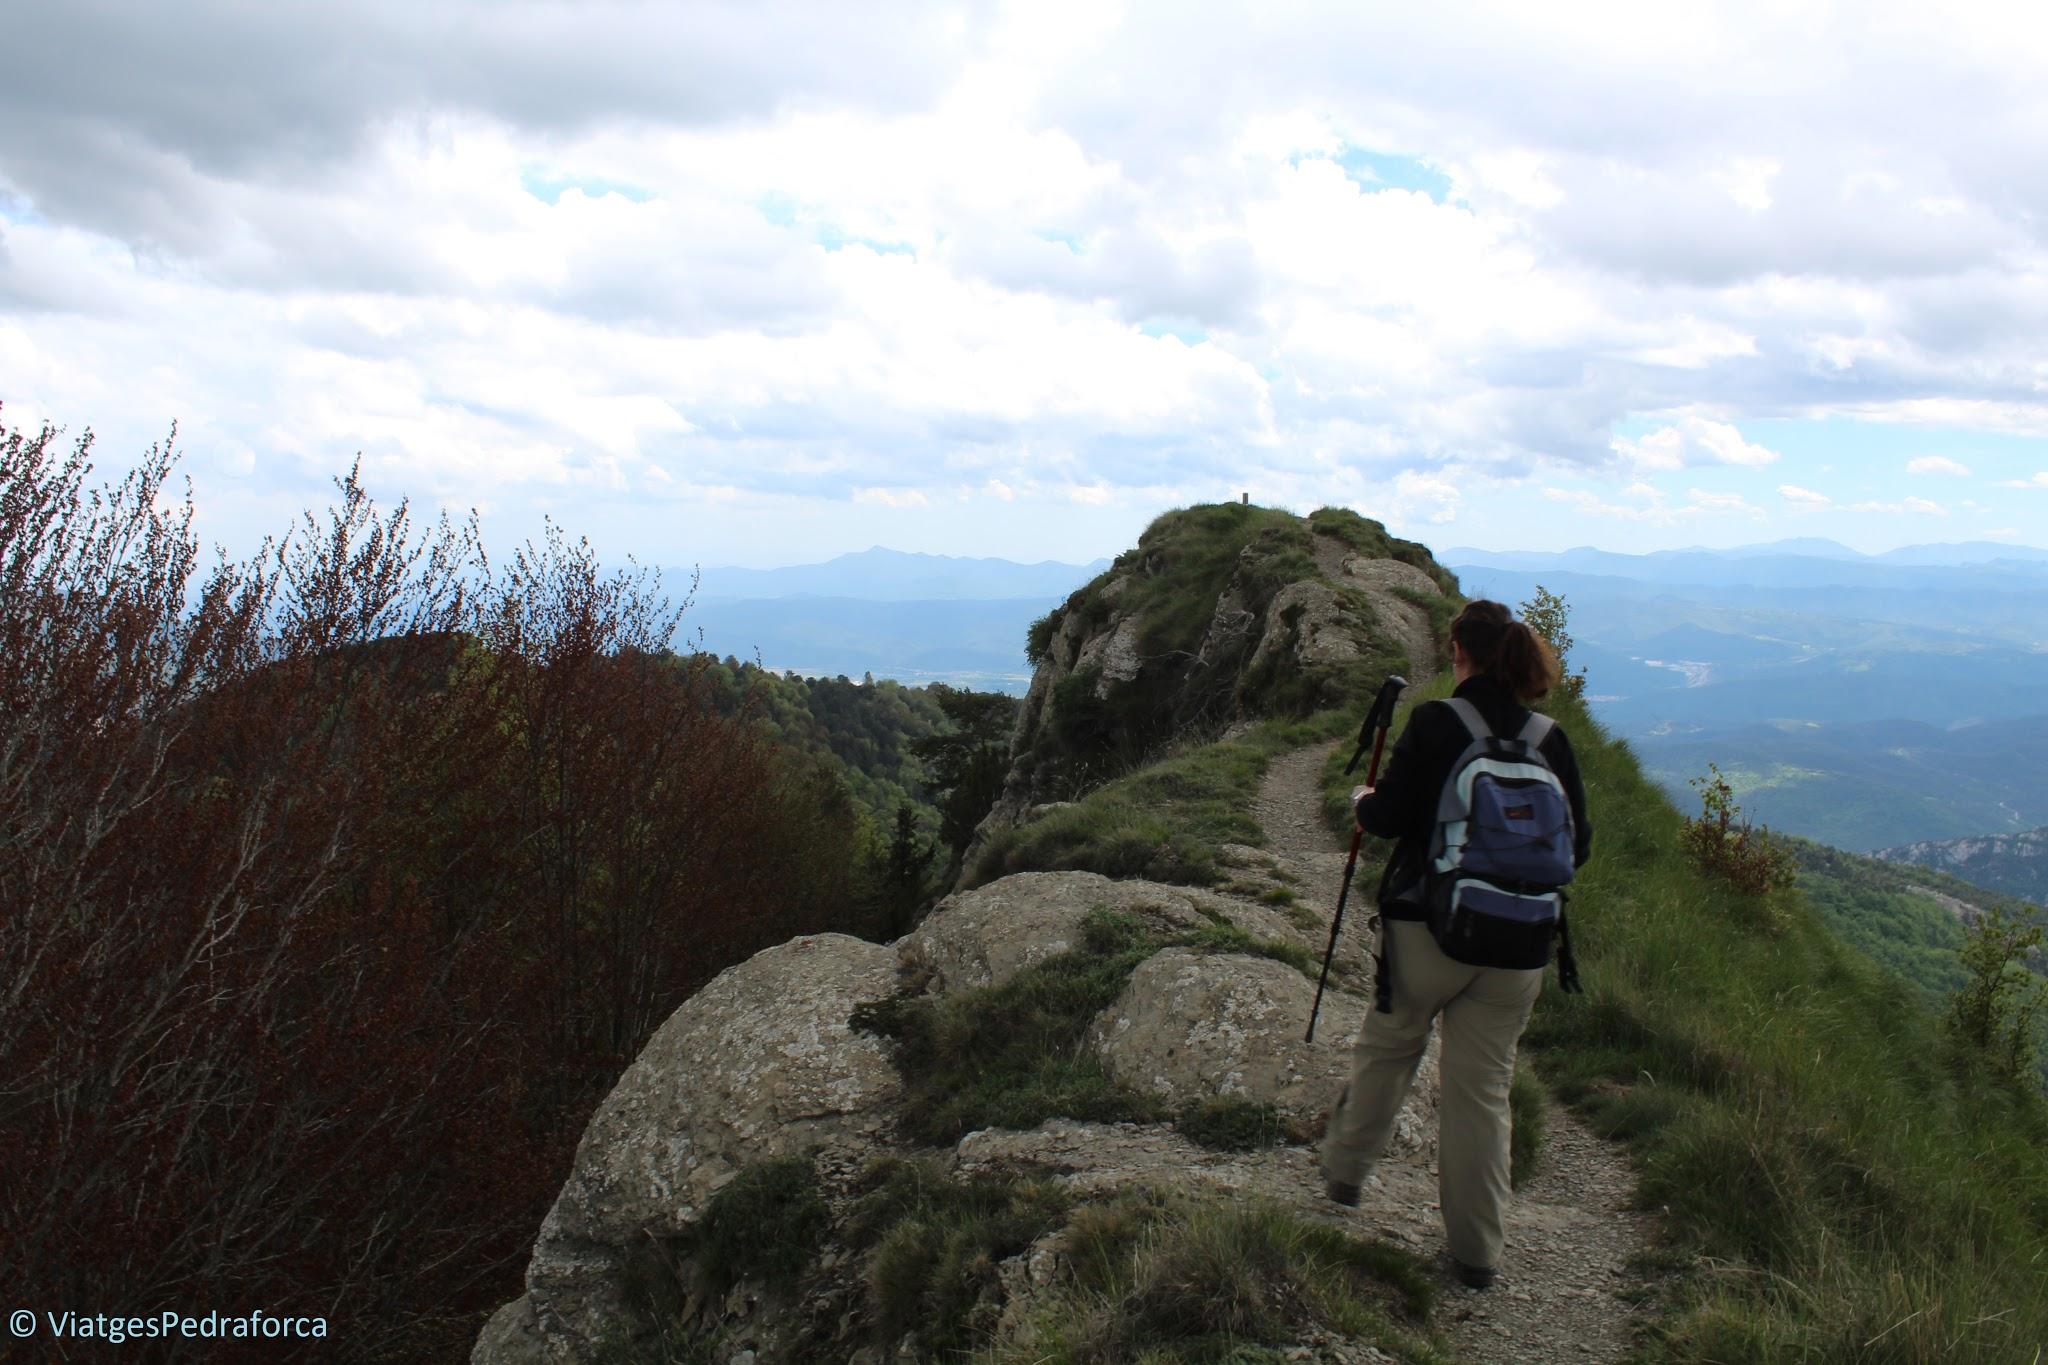 Alta Garrotxa, ruta senderista, natura, Montagut i Oix, Pirineus catalans, Girona, Catalunya